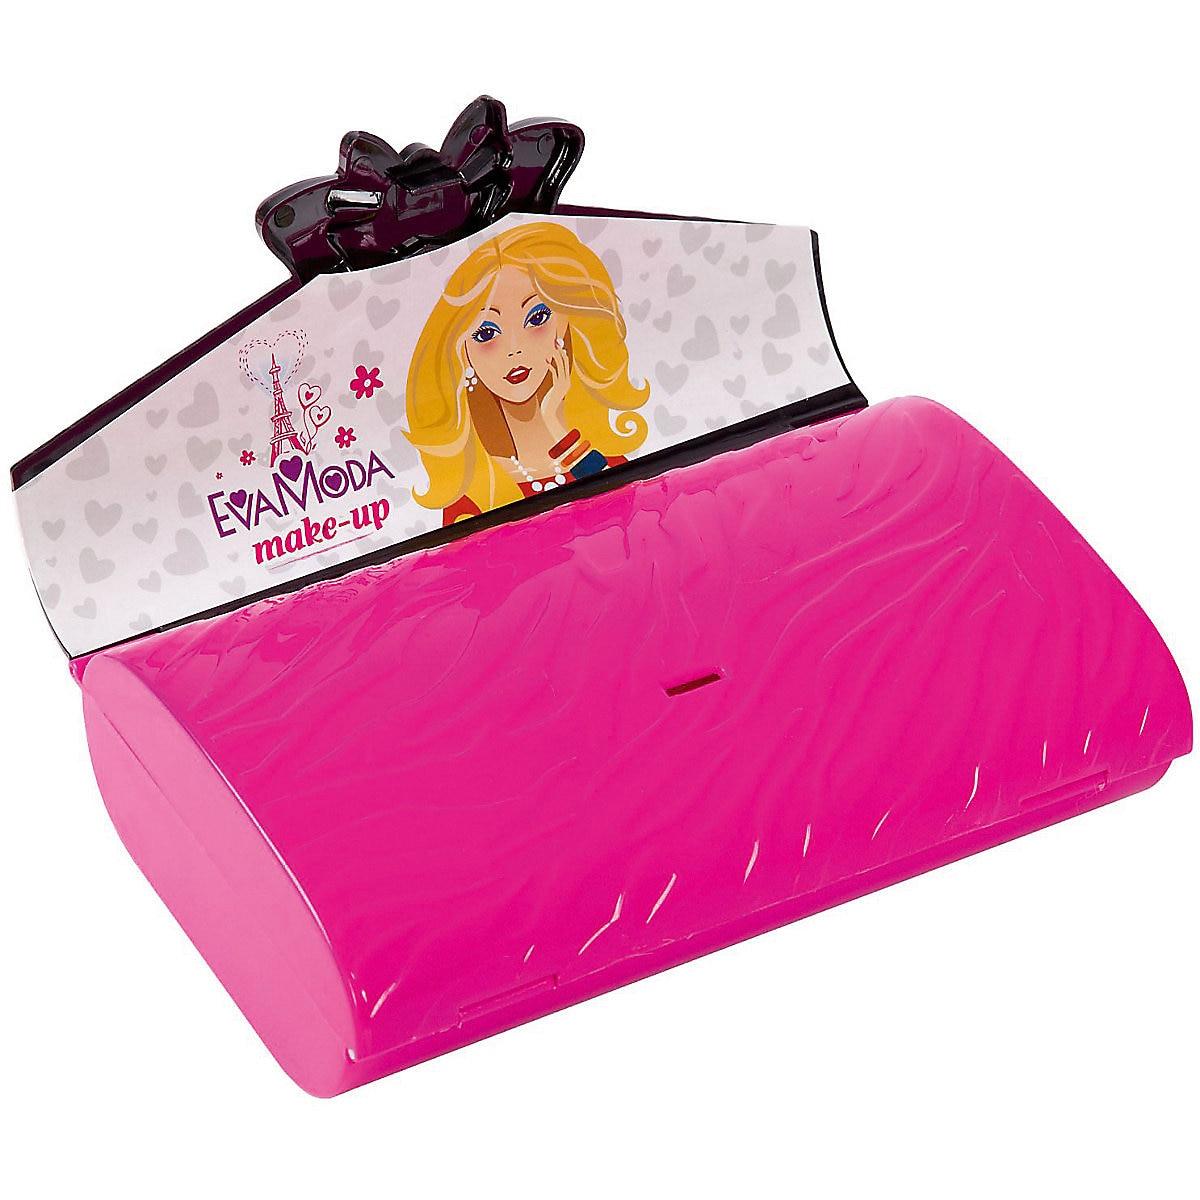 56 шт. маленький косметический набор, игровые игрушки, набор для макияжа, для детей, для девочек, для дошкольников, для детей, красивые модные ... - 2